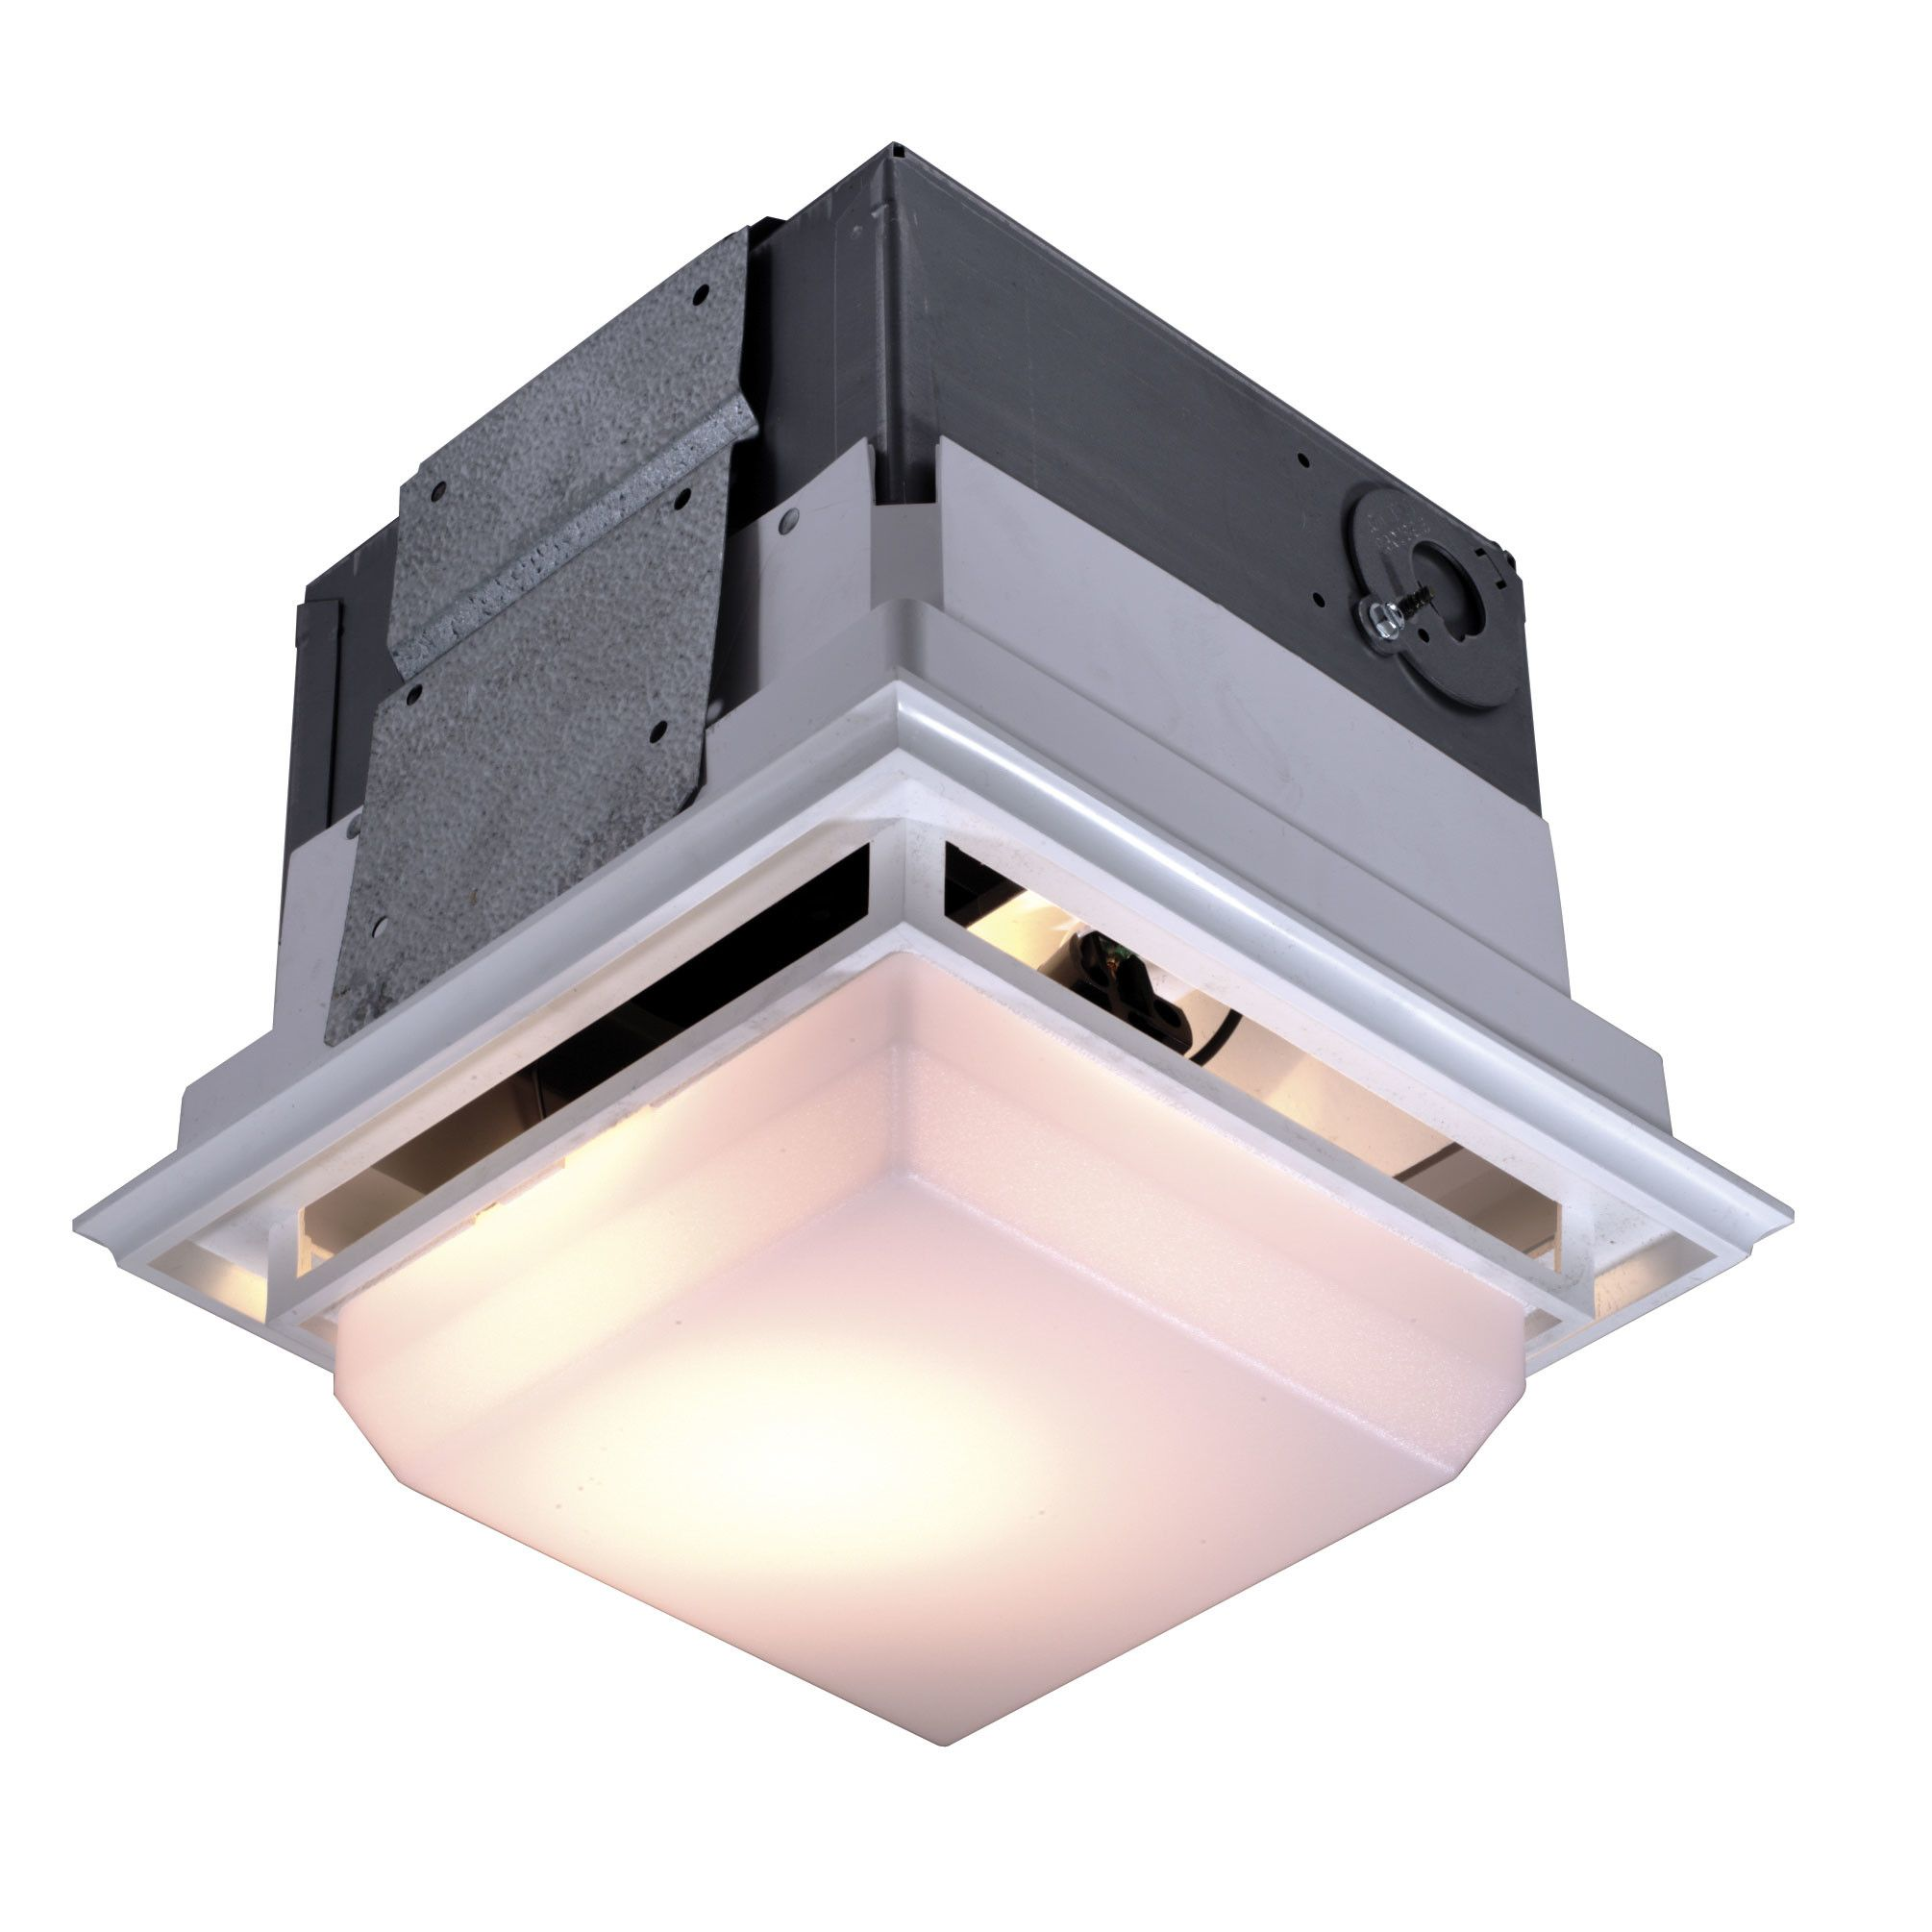 Latest Posts Under Bathroom Exhaust Fan With Light Bathroom - Bathroom light fixtures with exhaust fan